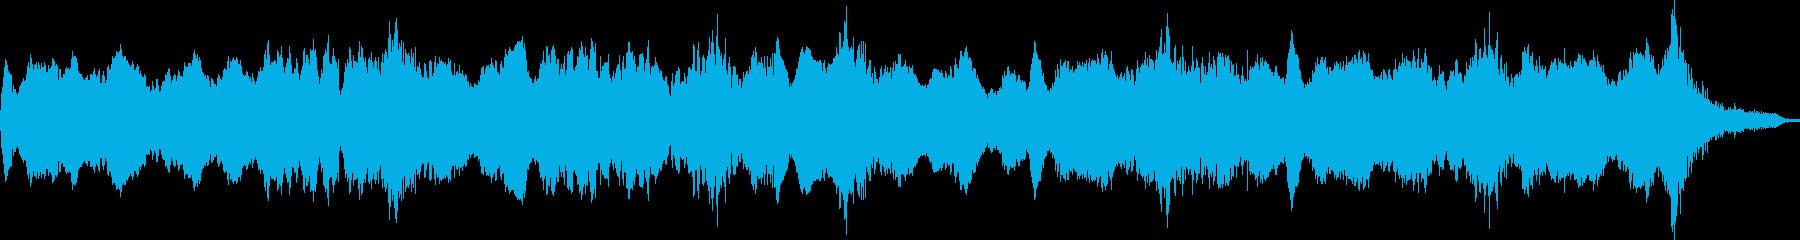 エレクトロニック サスペンス 説明...の再生済みの波形